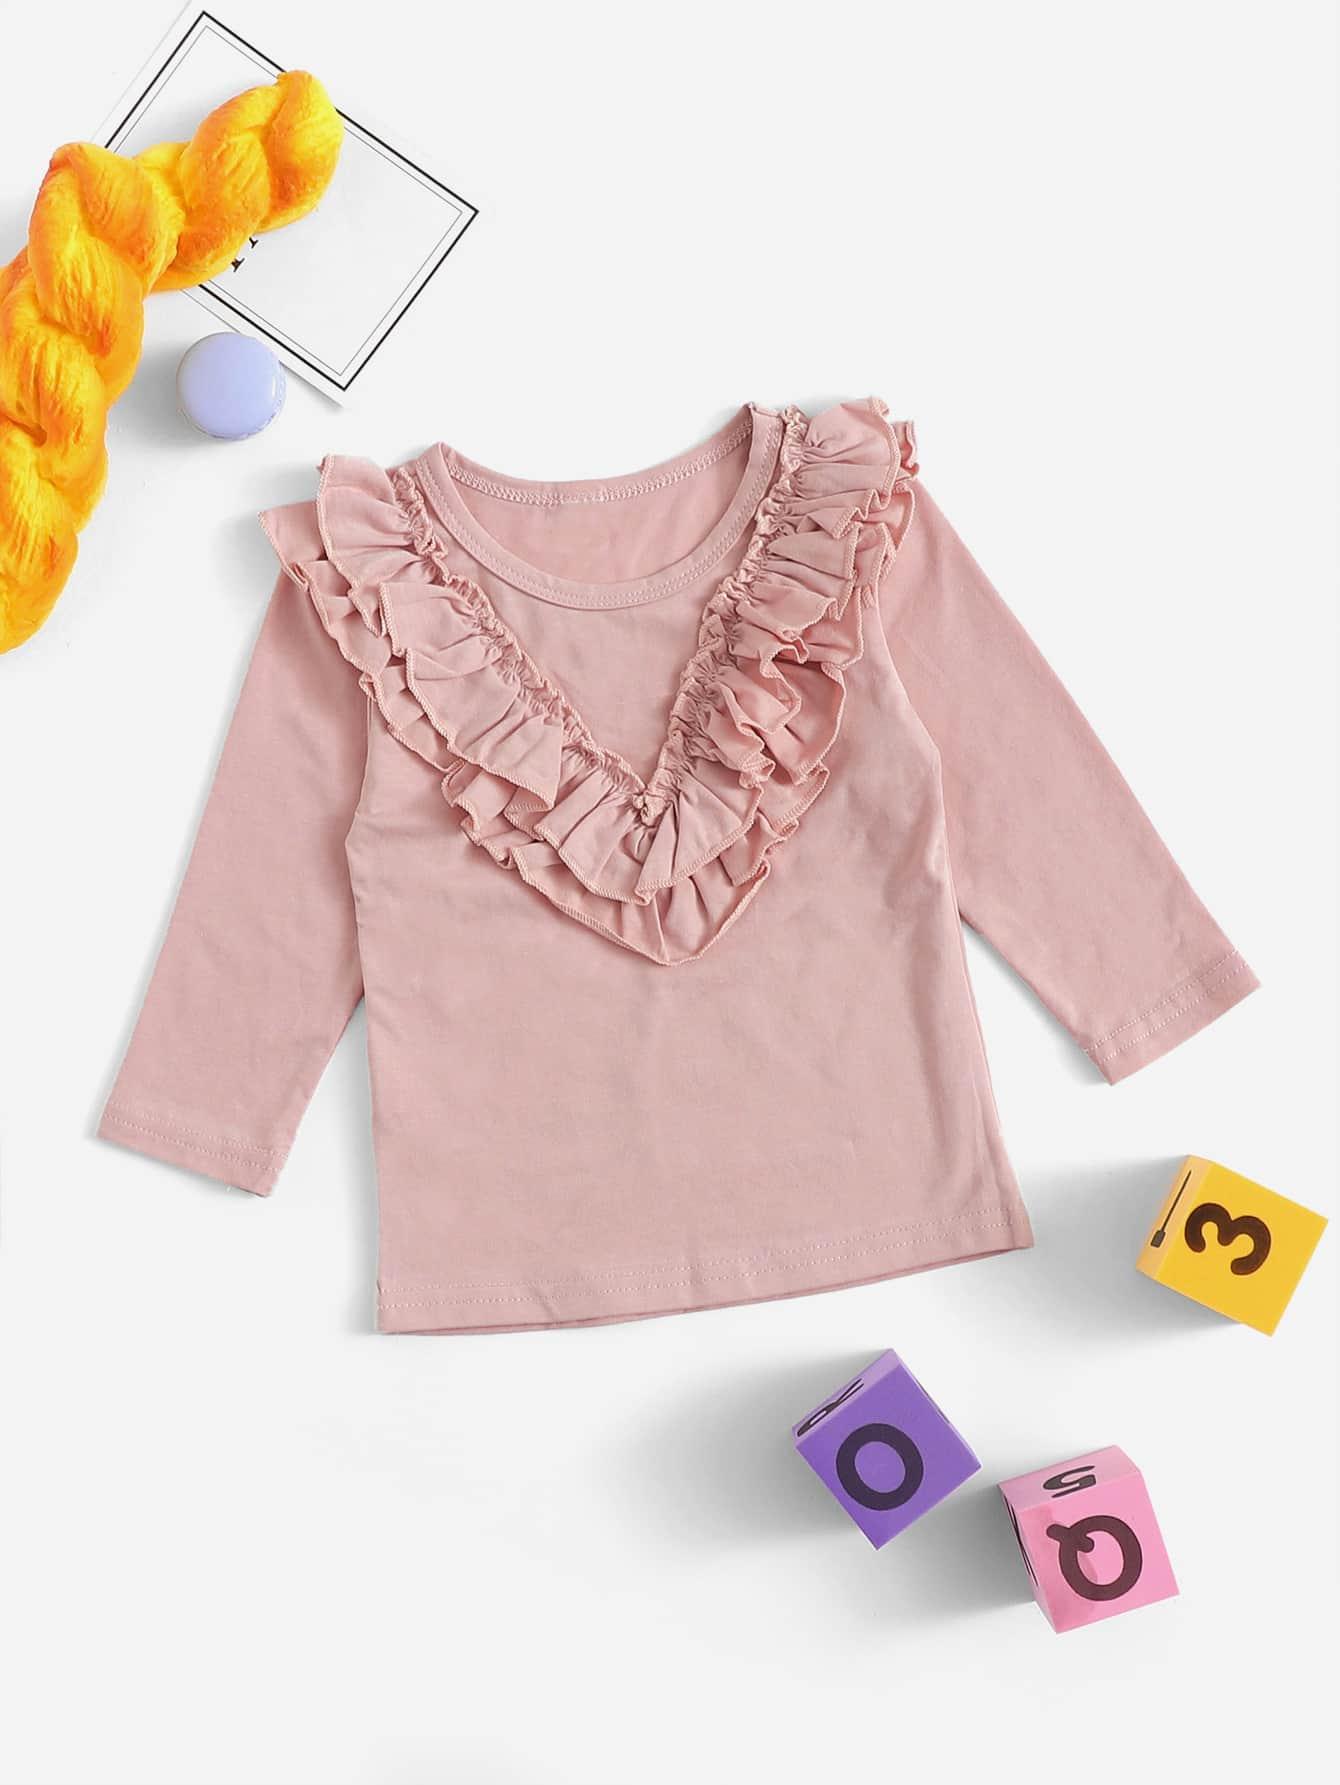 Купить Однотонная футболка с кружевными оборками для маленьких девочек, null, SheIn